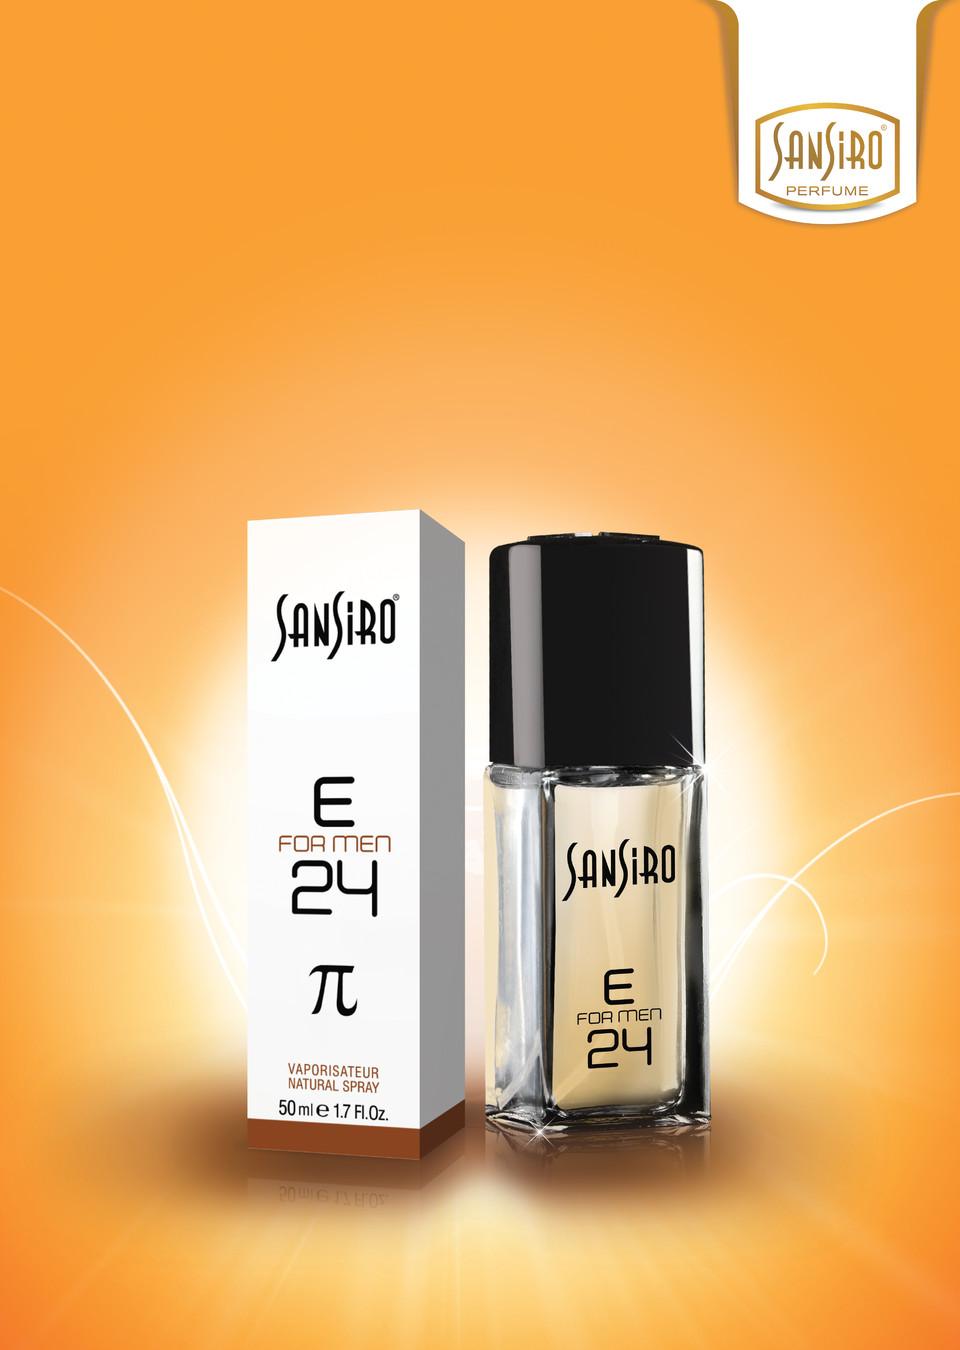 Sansiro Perfume - For Men - 3,14 (E24)